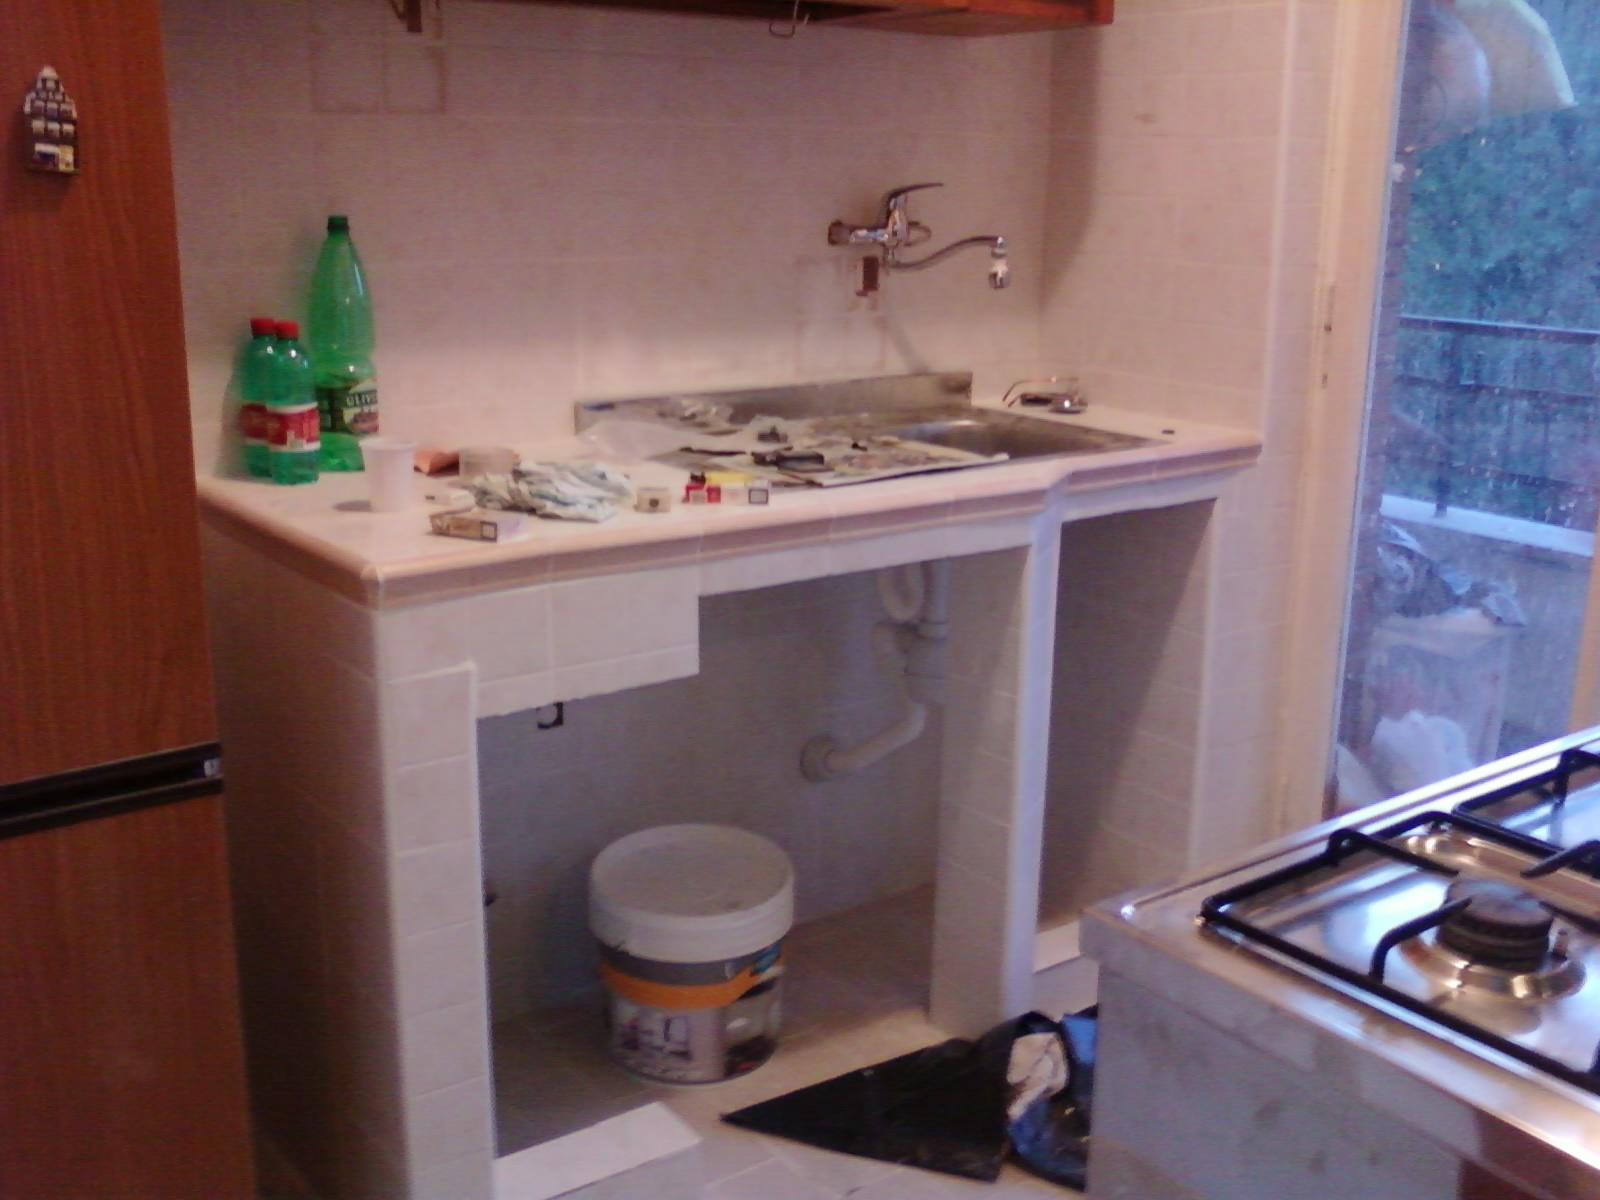 Mobili Per Cucine Piccole. Arredare Cucine Piccole E Spazi Poco ...